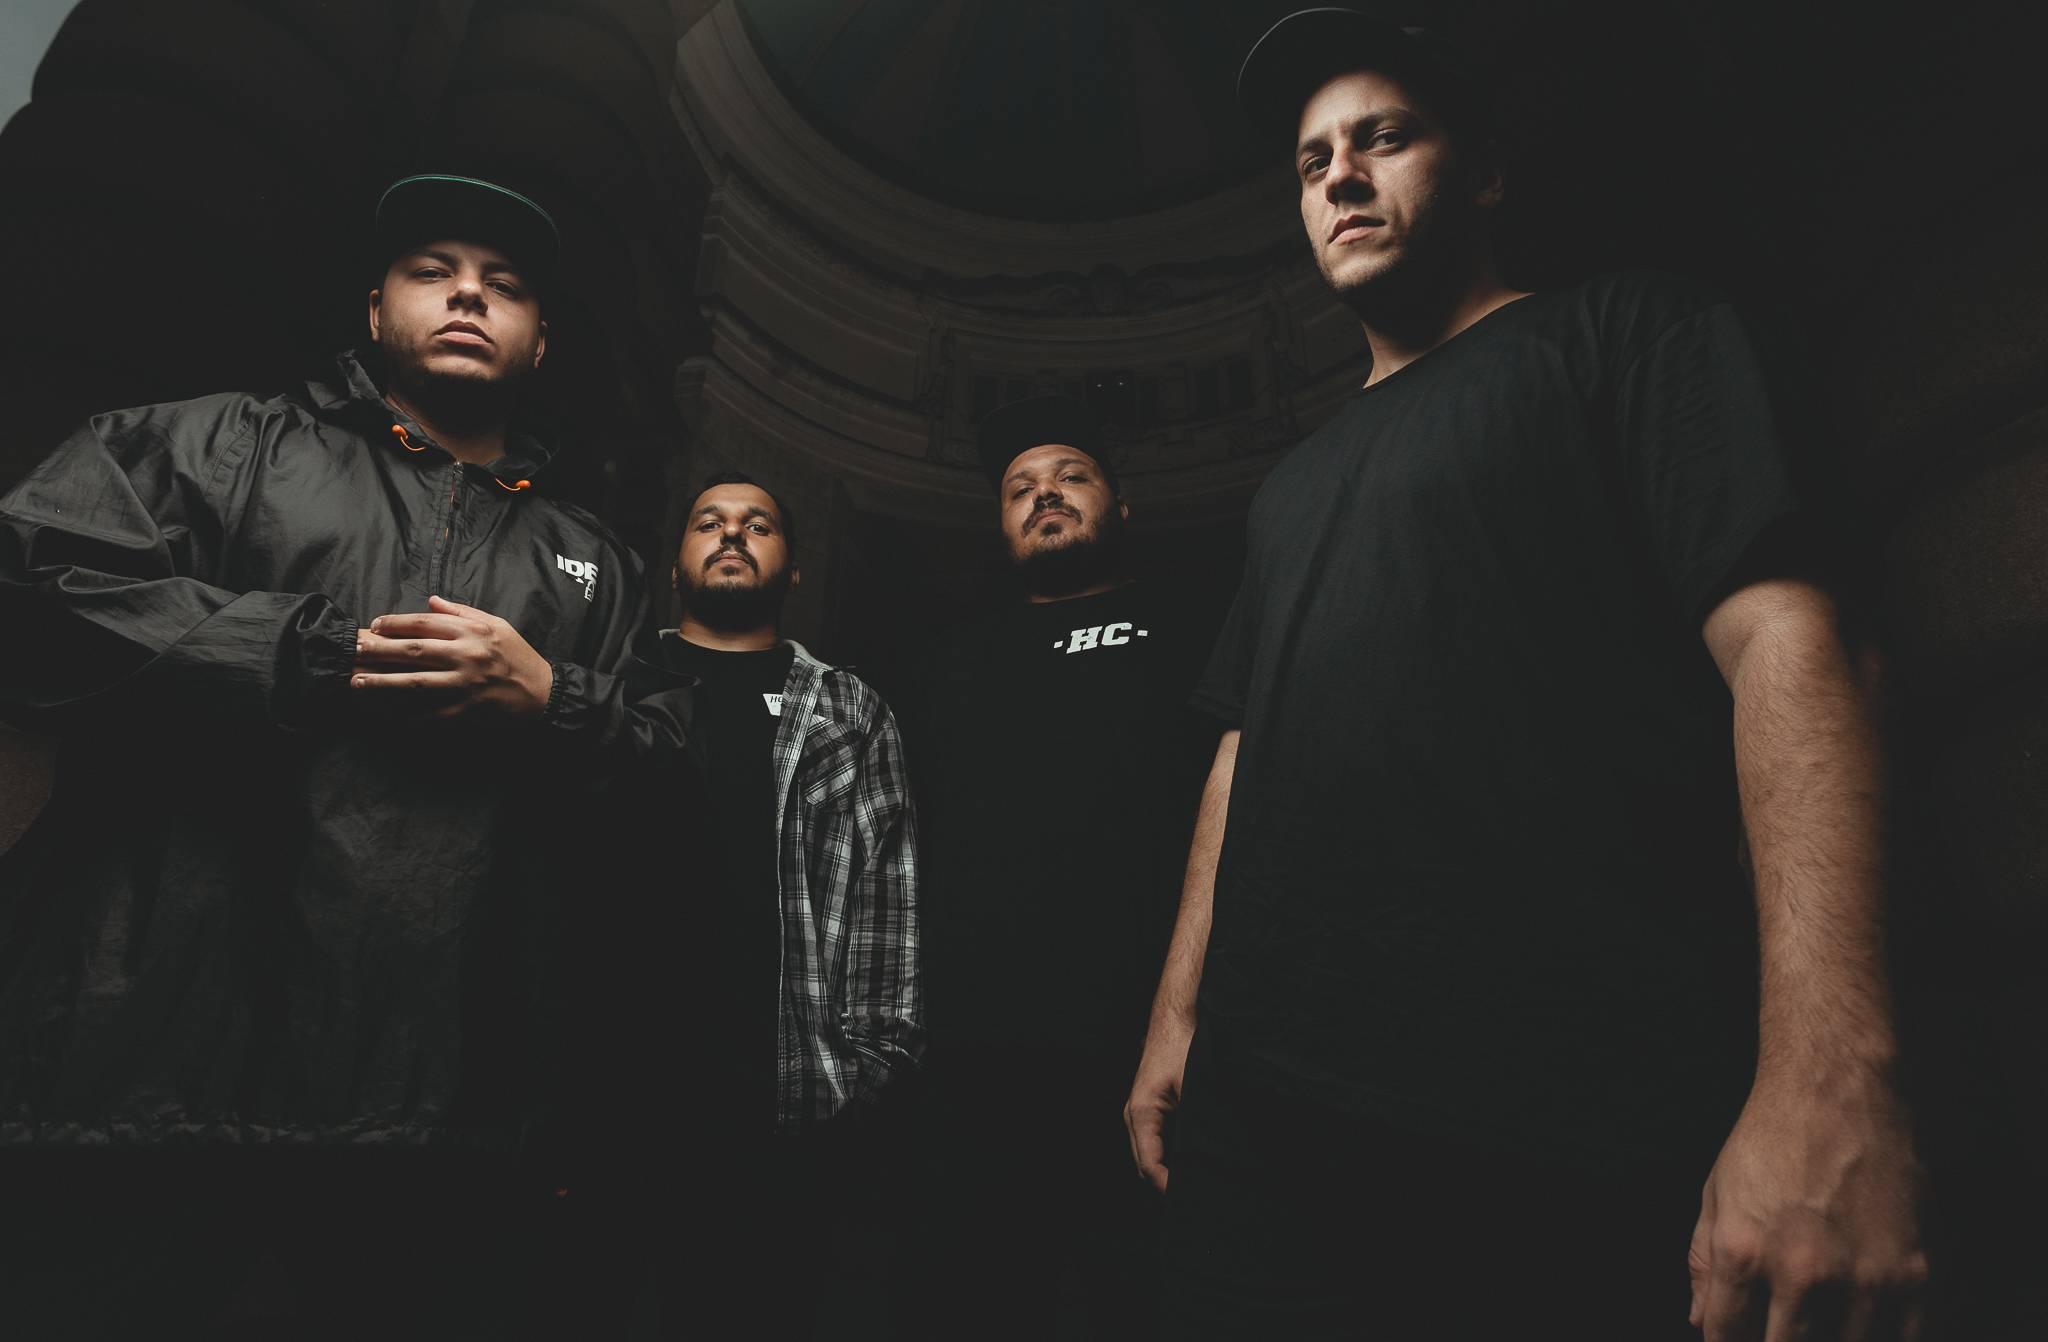 www.juicysantos.com.br - banda bayside kings lança seu primeiro EP em português